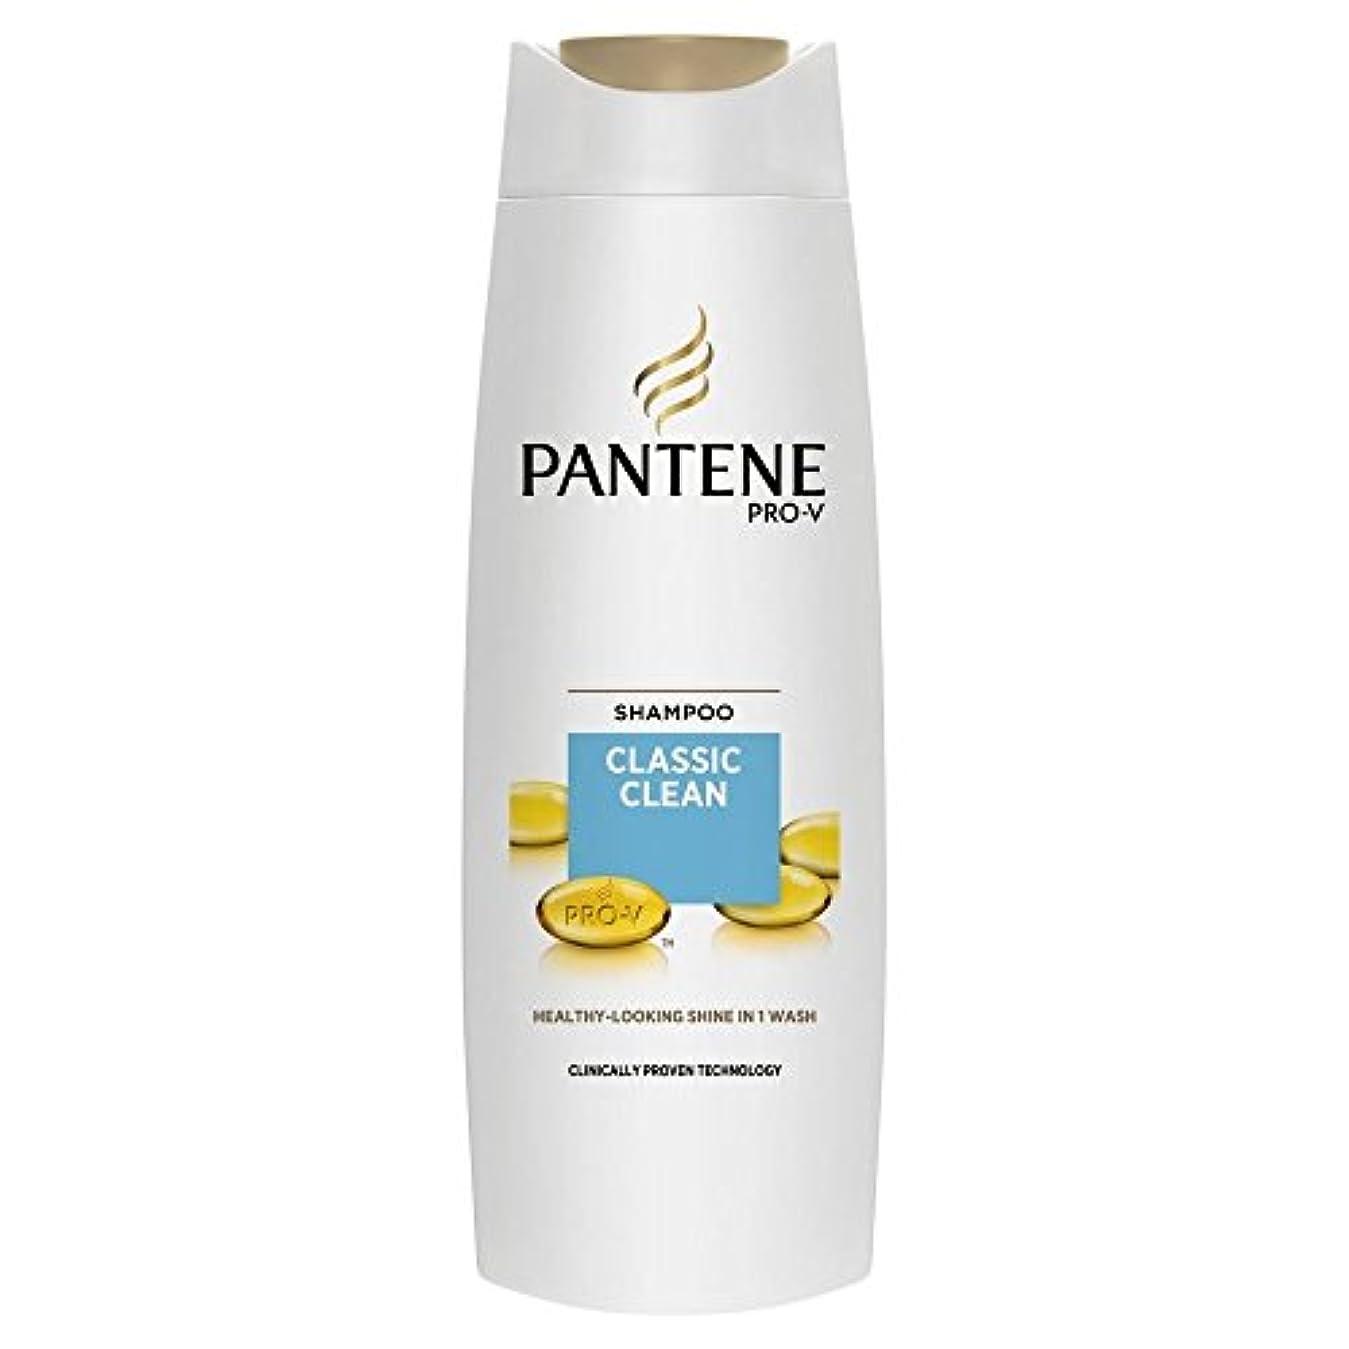 型集団的狂人Pantene Pro-V Classic Care Shampoo (250ml) パンテーンプロv古典的なケアシャンプー( 250ミリリットル) [並行輸入品]